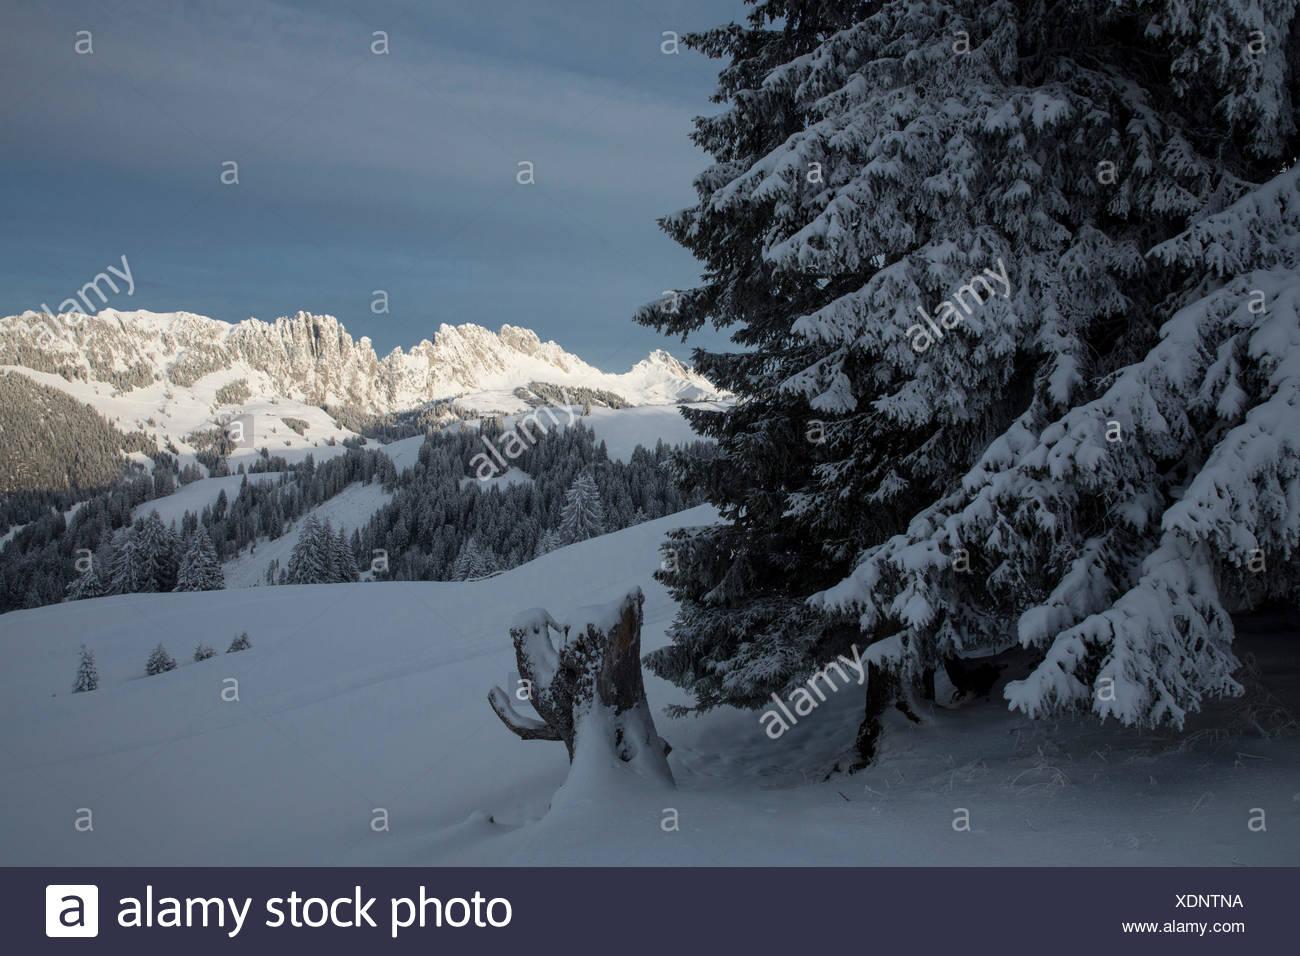 Gastlosen, Jaunpass, montagne, montagnes, Winters, canton de Berne, arbre, arbres, Suisse, Europe, Photo Stock